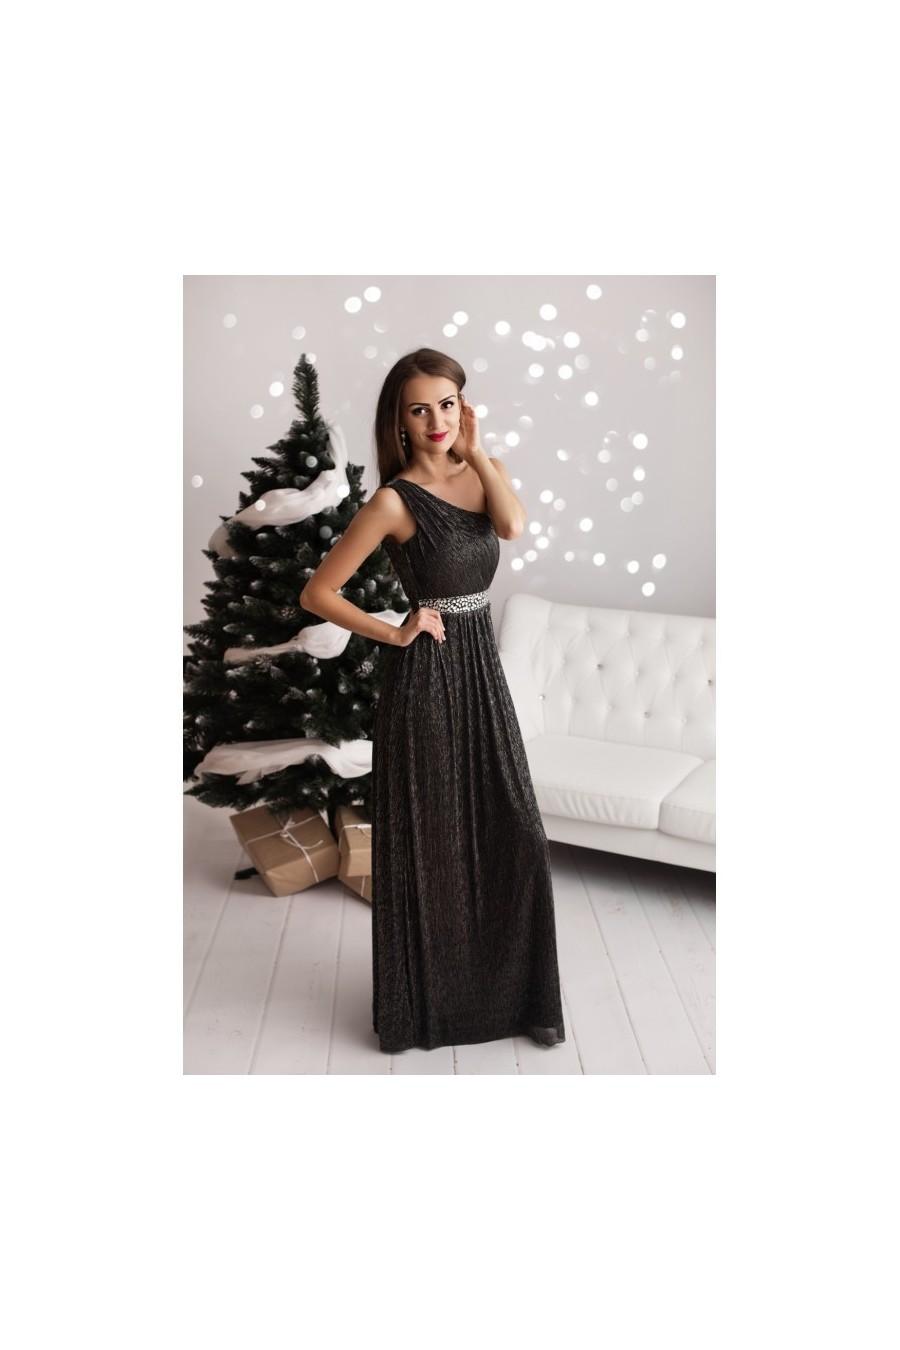 c5f91c75b4 Dámske šaty na jedno rameno 3219 - Spoločenské šaty Online